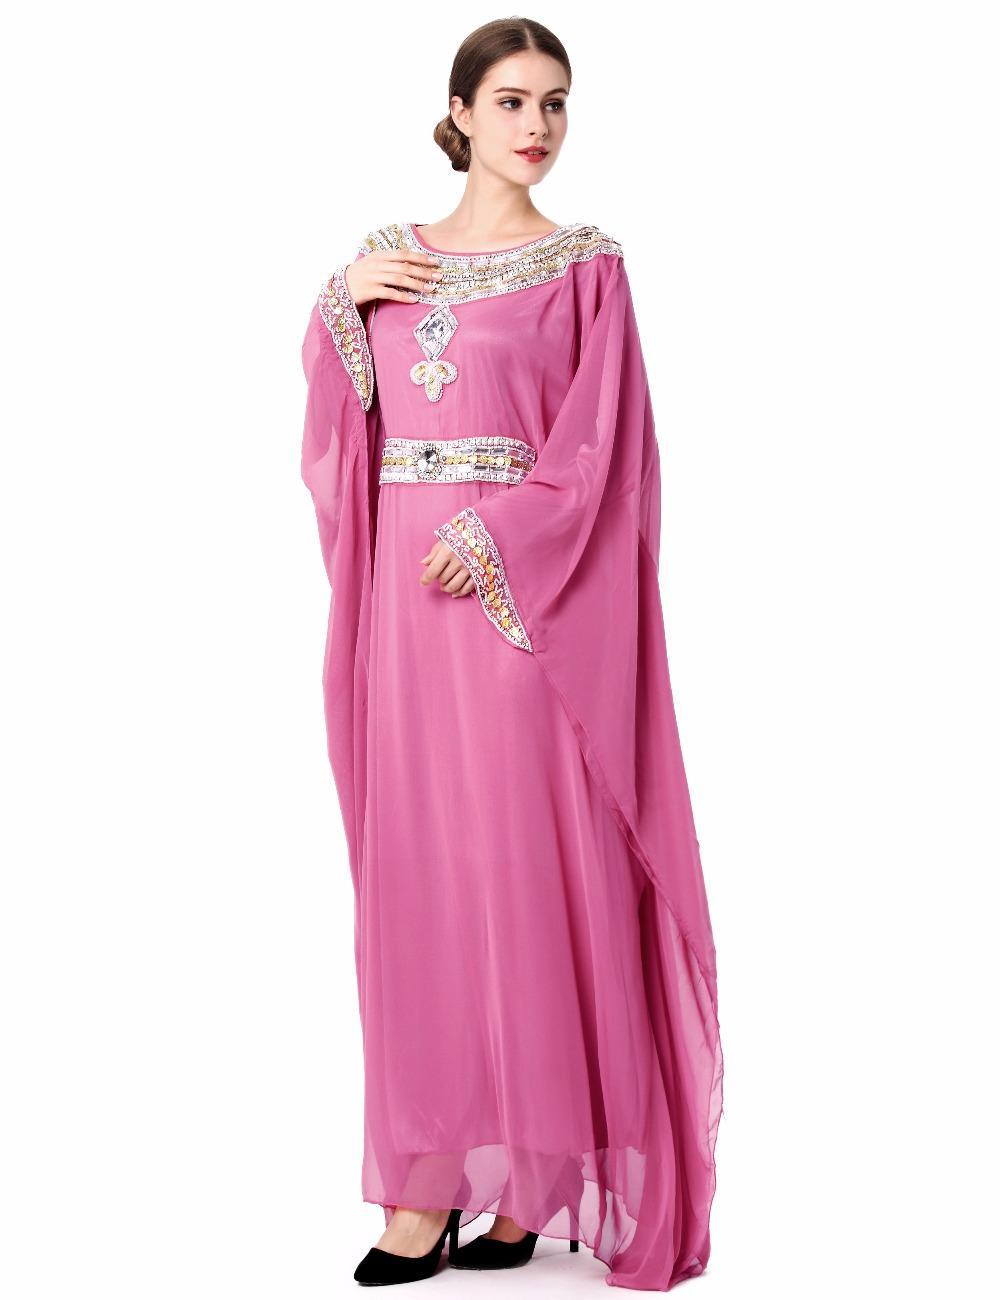 Asombroso Vestidos De Boda Islámica Del Reino Unido Componente ...